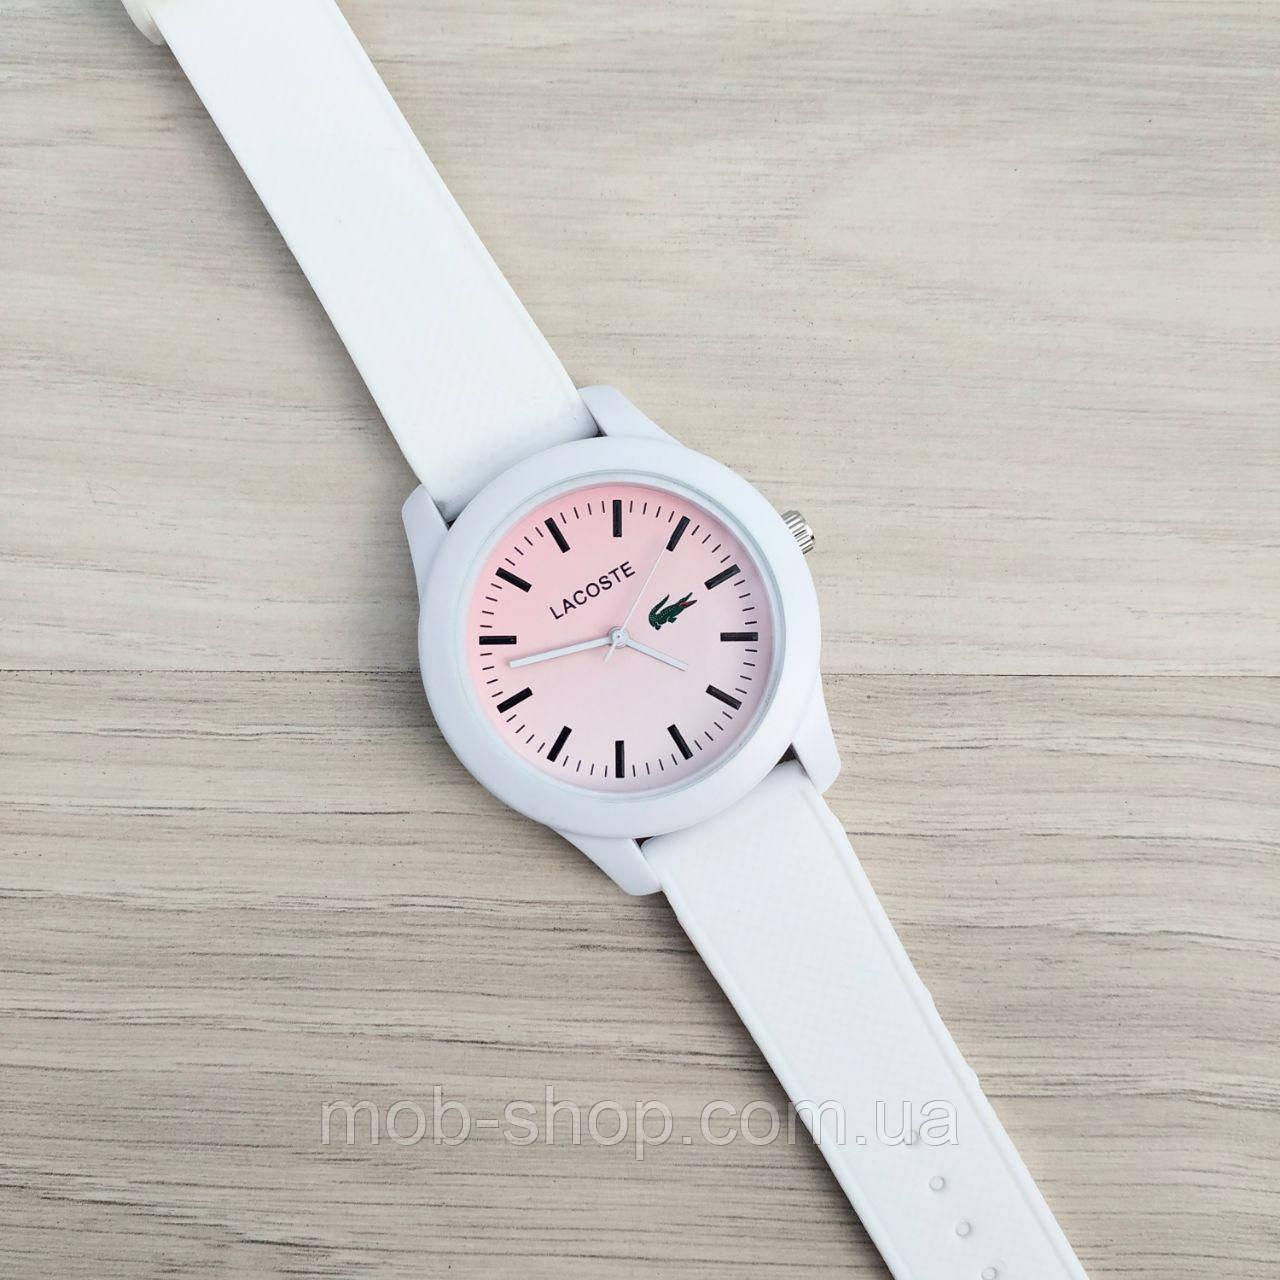 Наручные часы Lacoste SKPAN